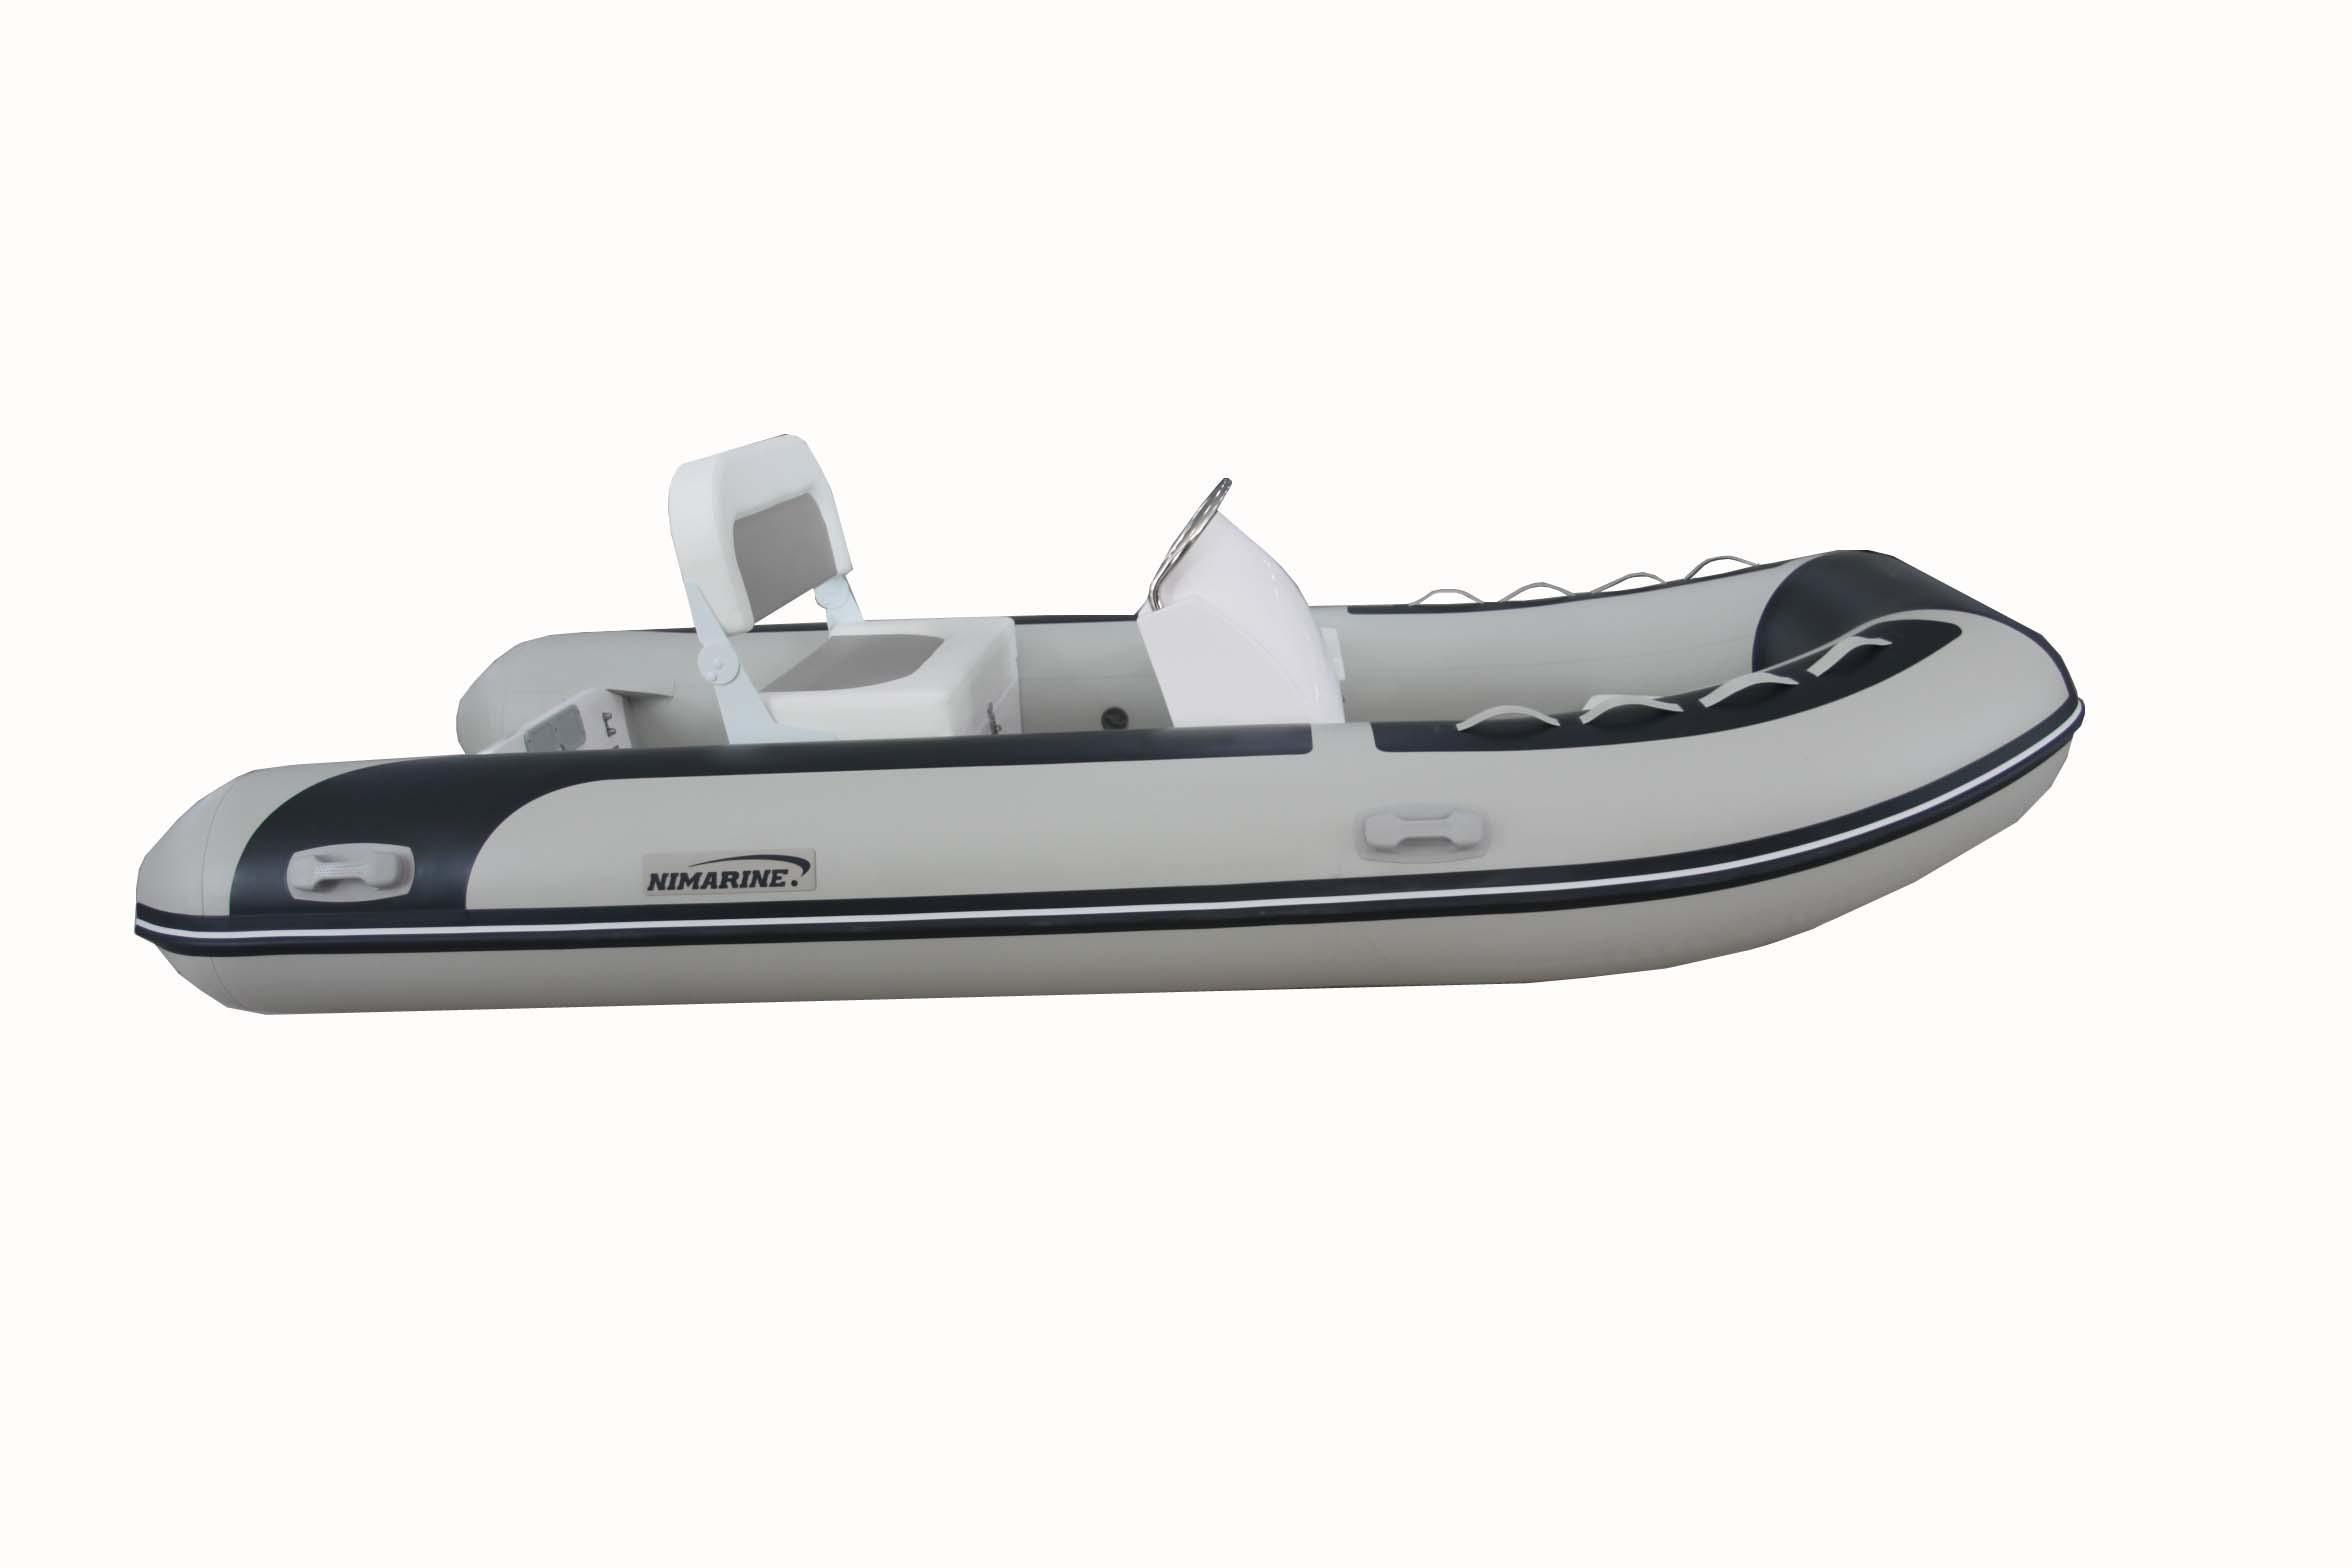 Nimarine MX 360 RIB (met console)-76570